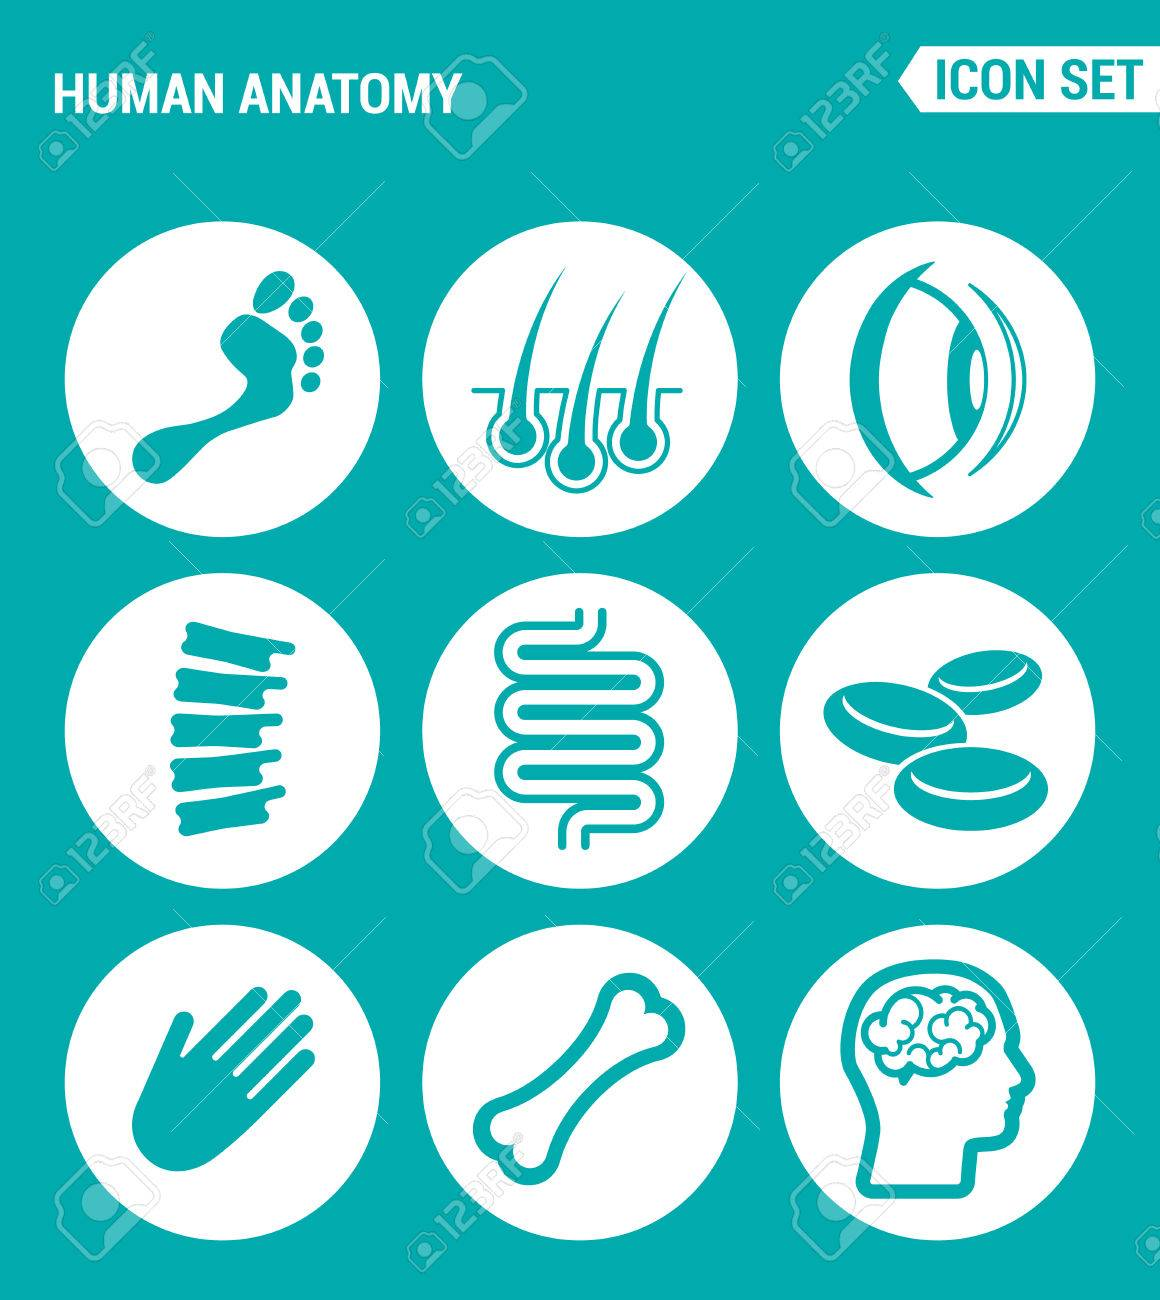 Vektor-Set Web-Icons. Anatomie Des Menschen, Bein, Haare, Augen, Fuß ...